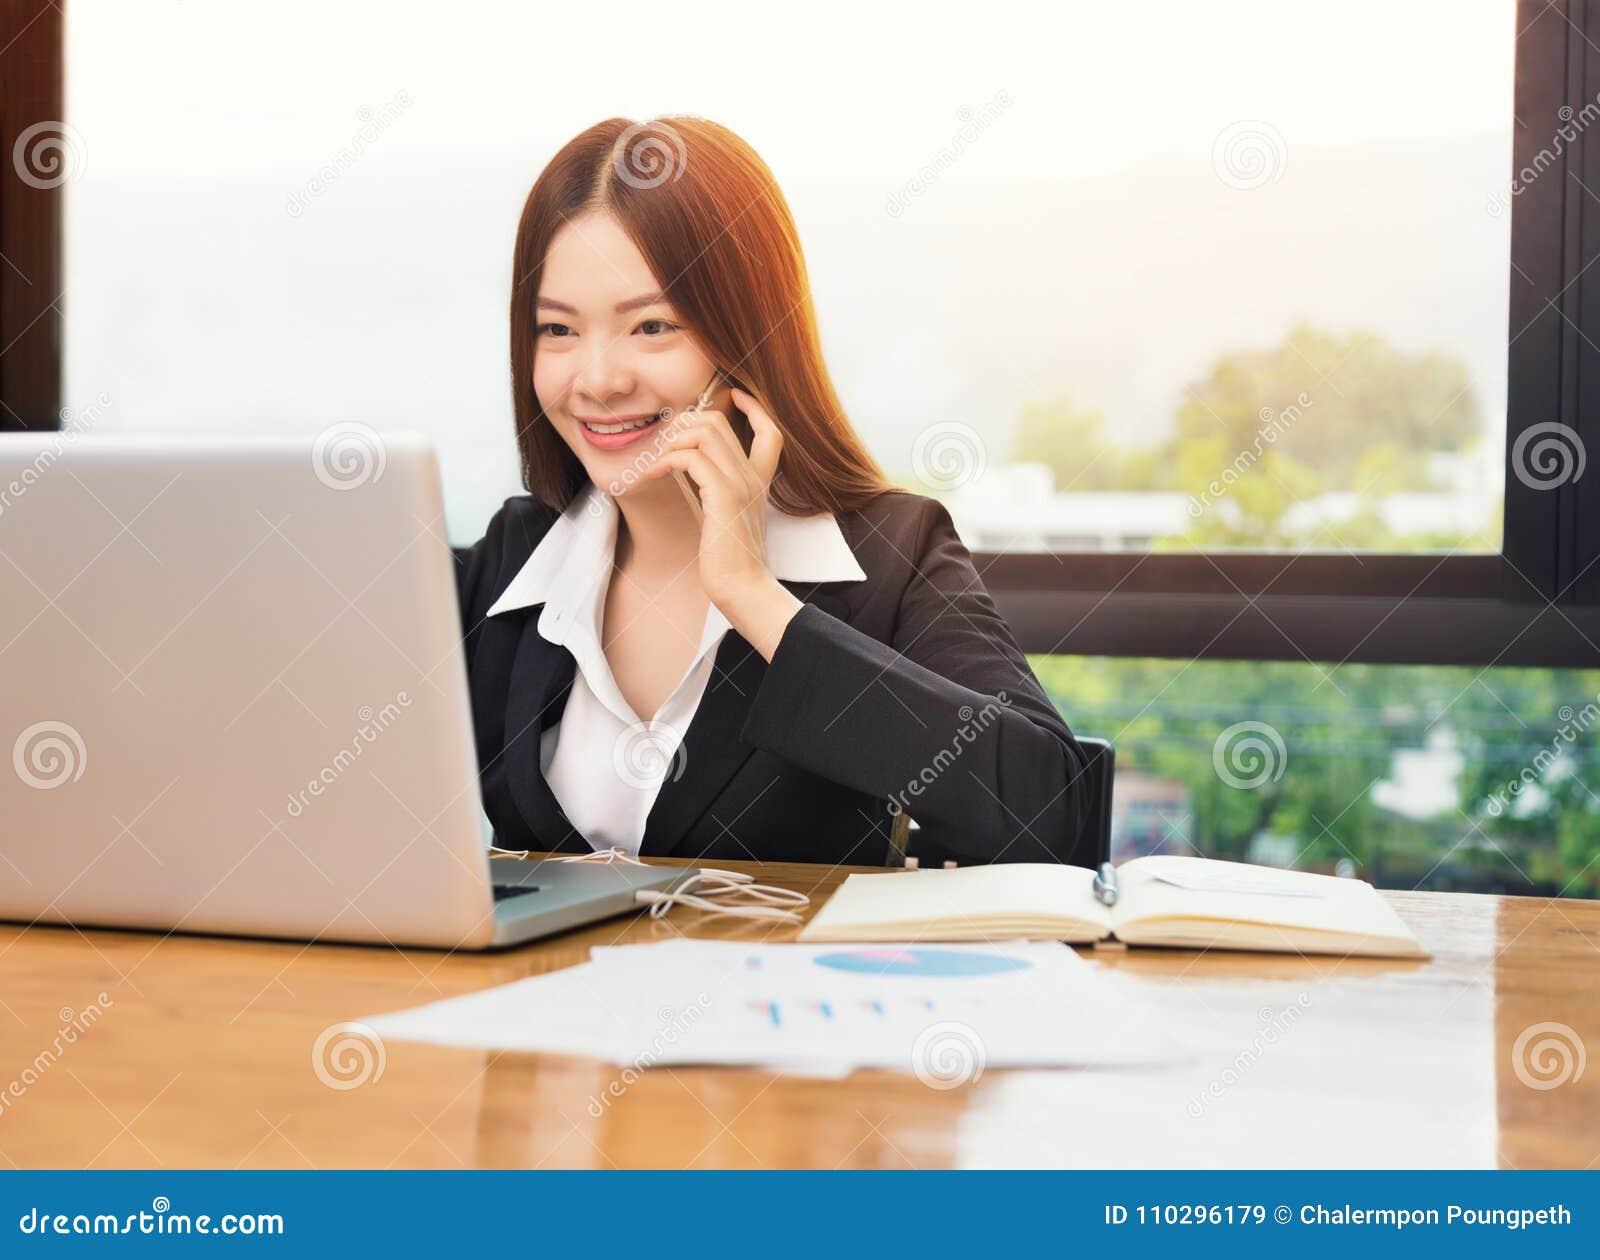 aa30cd1391cf Giovane donna asiatica felice di affari che parla sul suo telefono mentre  lavoro